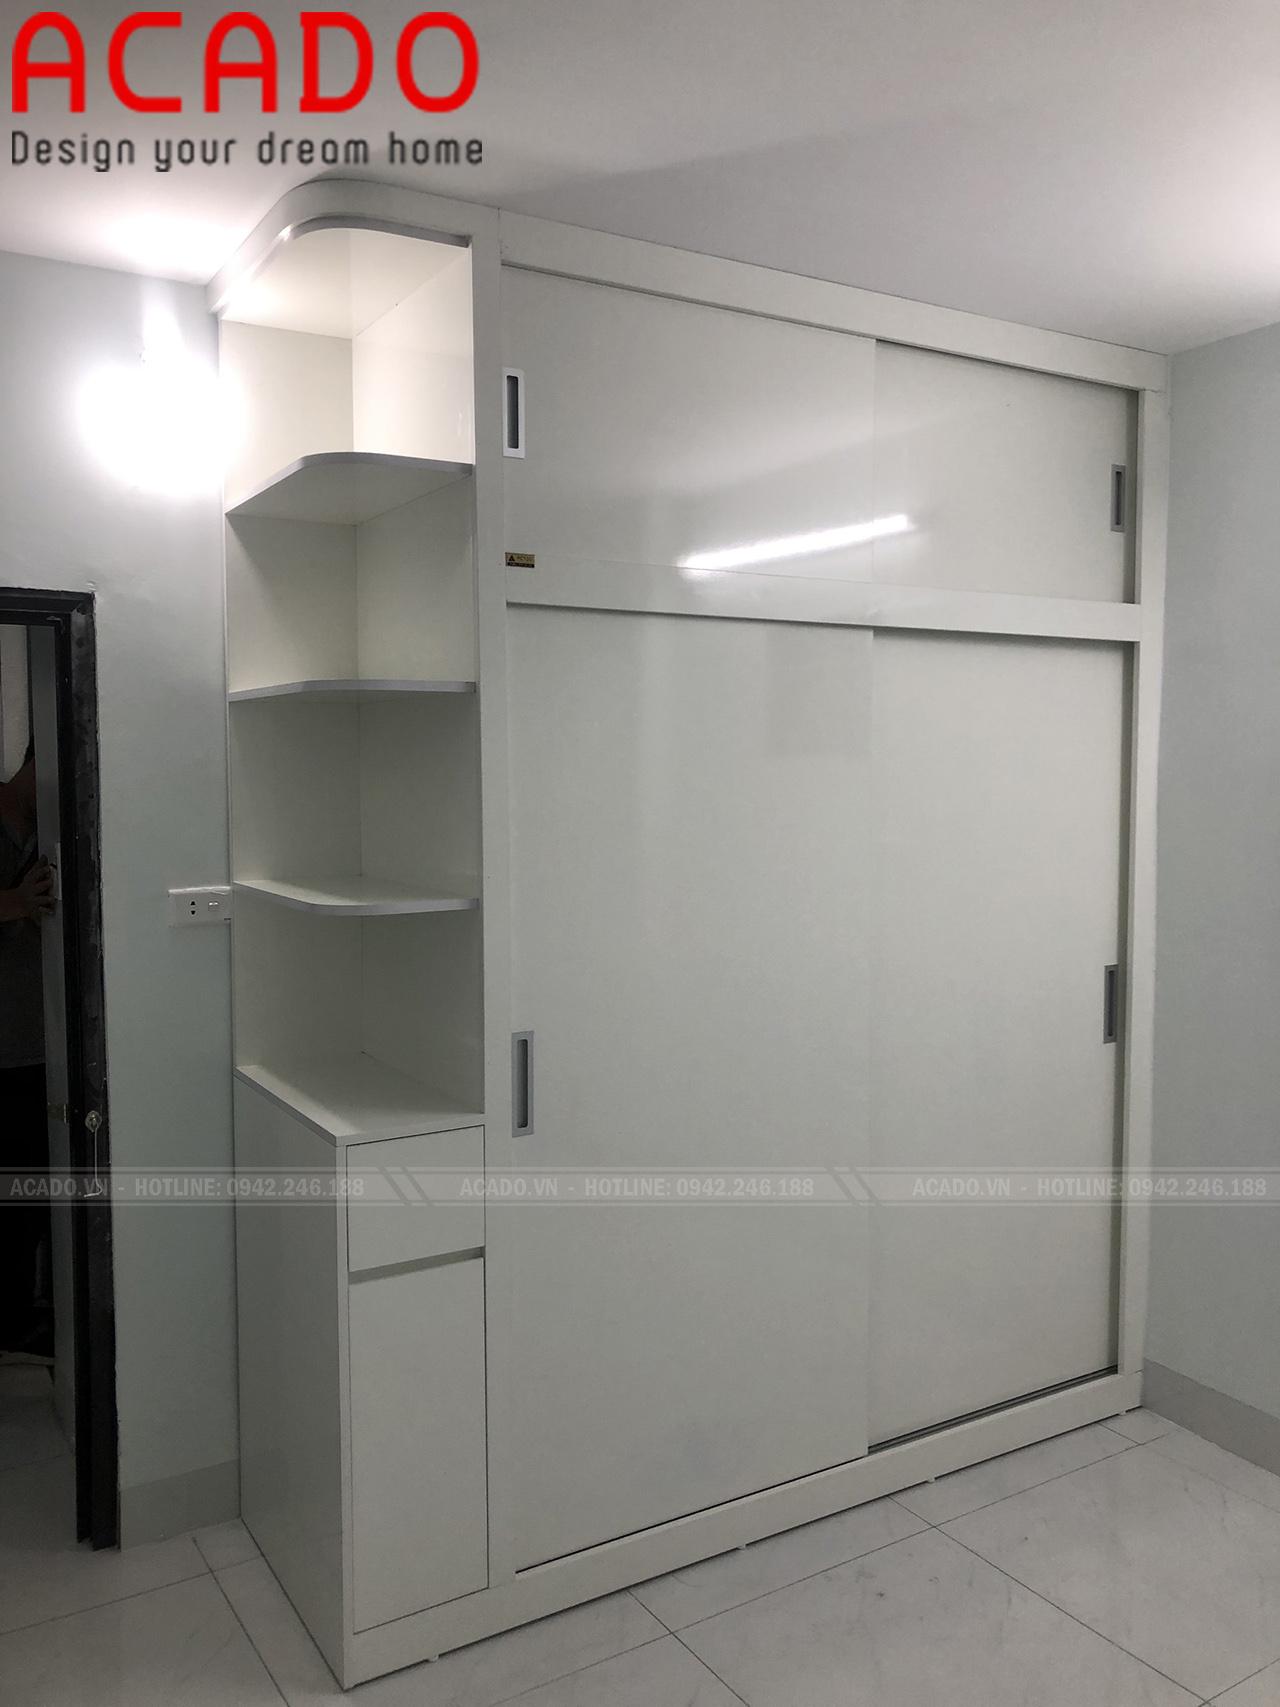 Tủ quần áo hiện đại được ACADO thiết kế, thi công và đã bàn giao cho khách hàng.